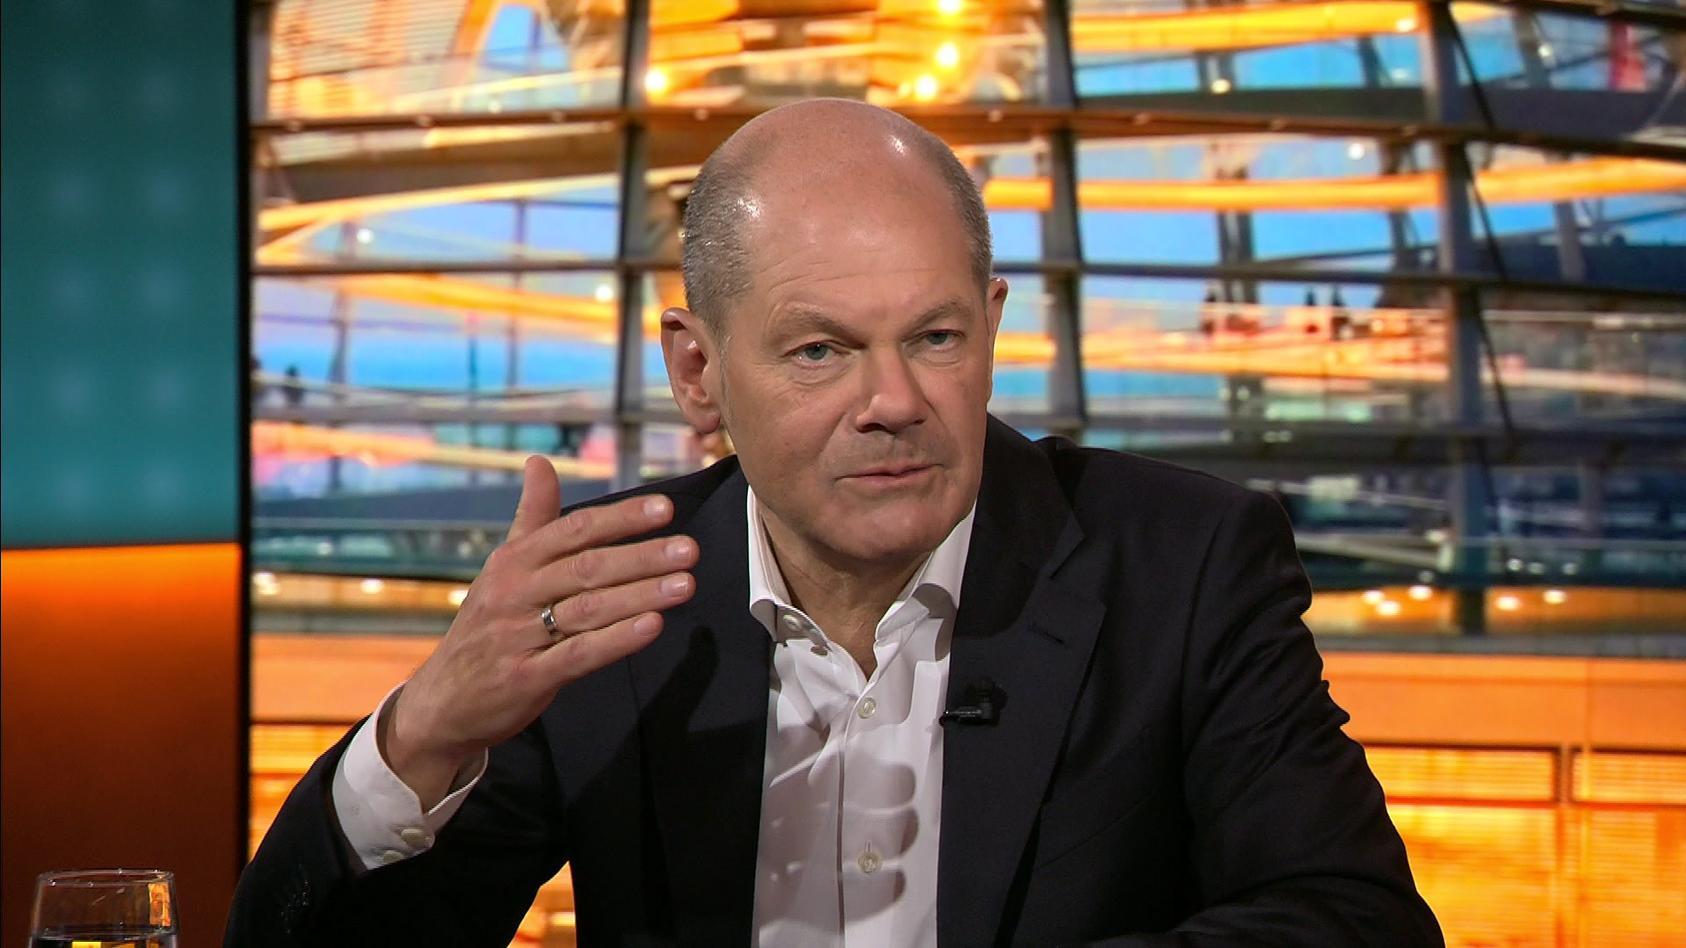 Am Montagabend stellte sich SPD-Kanzlerkandidat Olaf Scholz den Fragen der Zuschauer